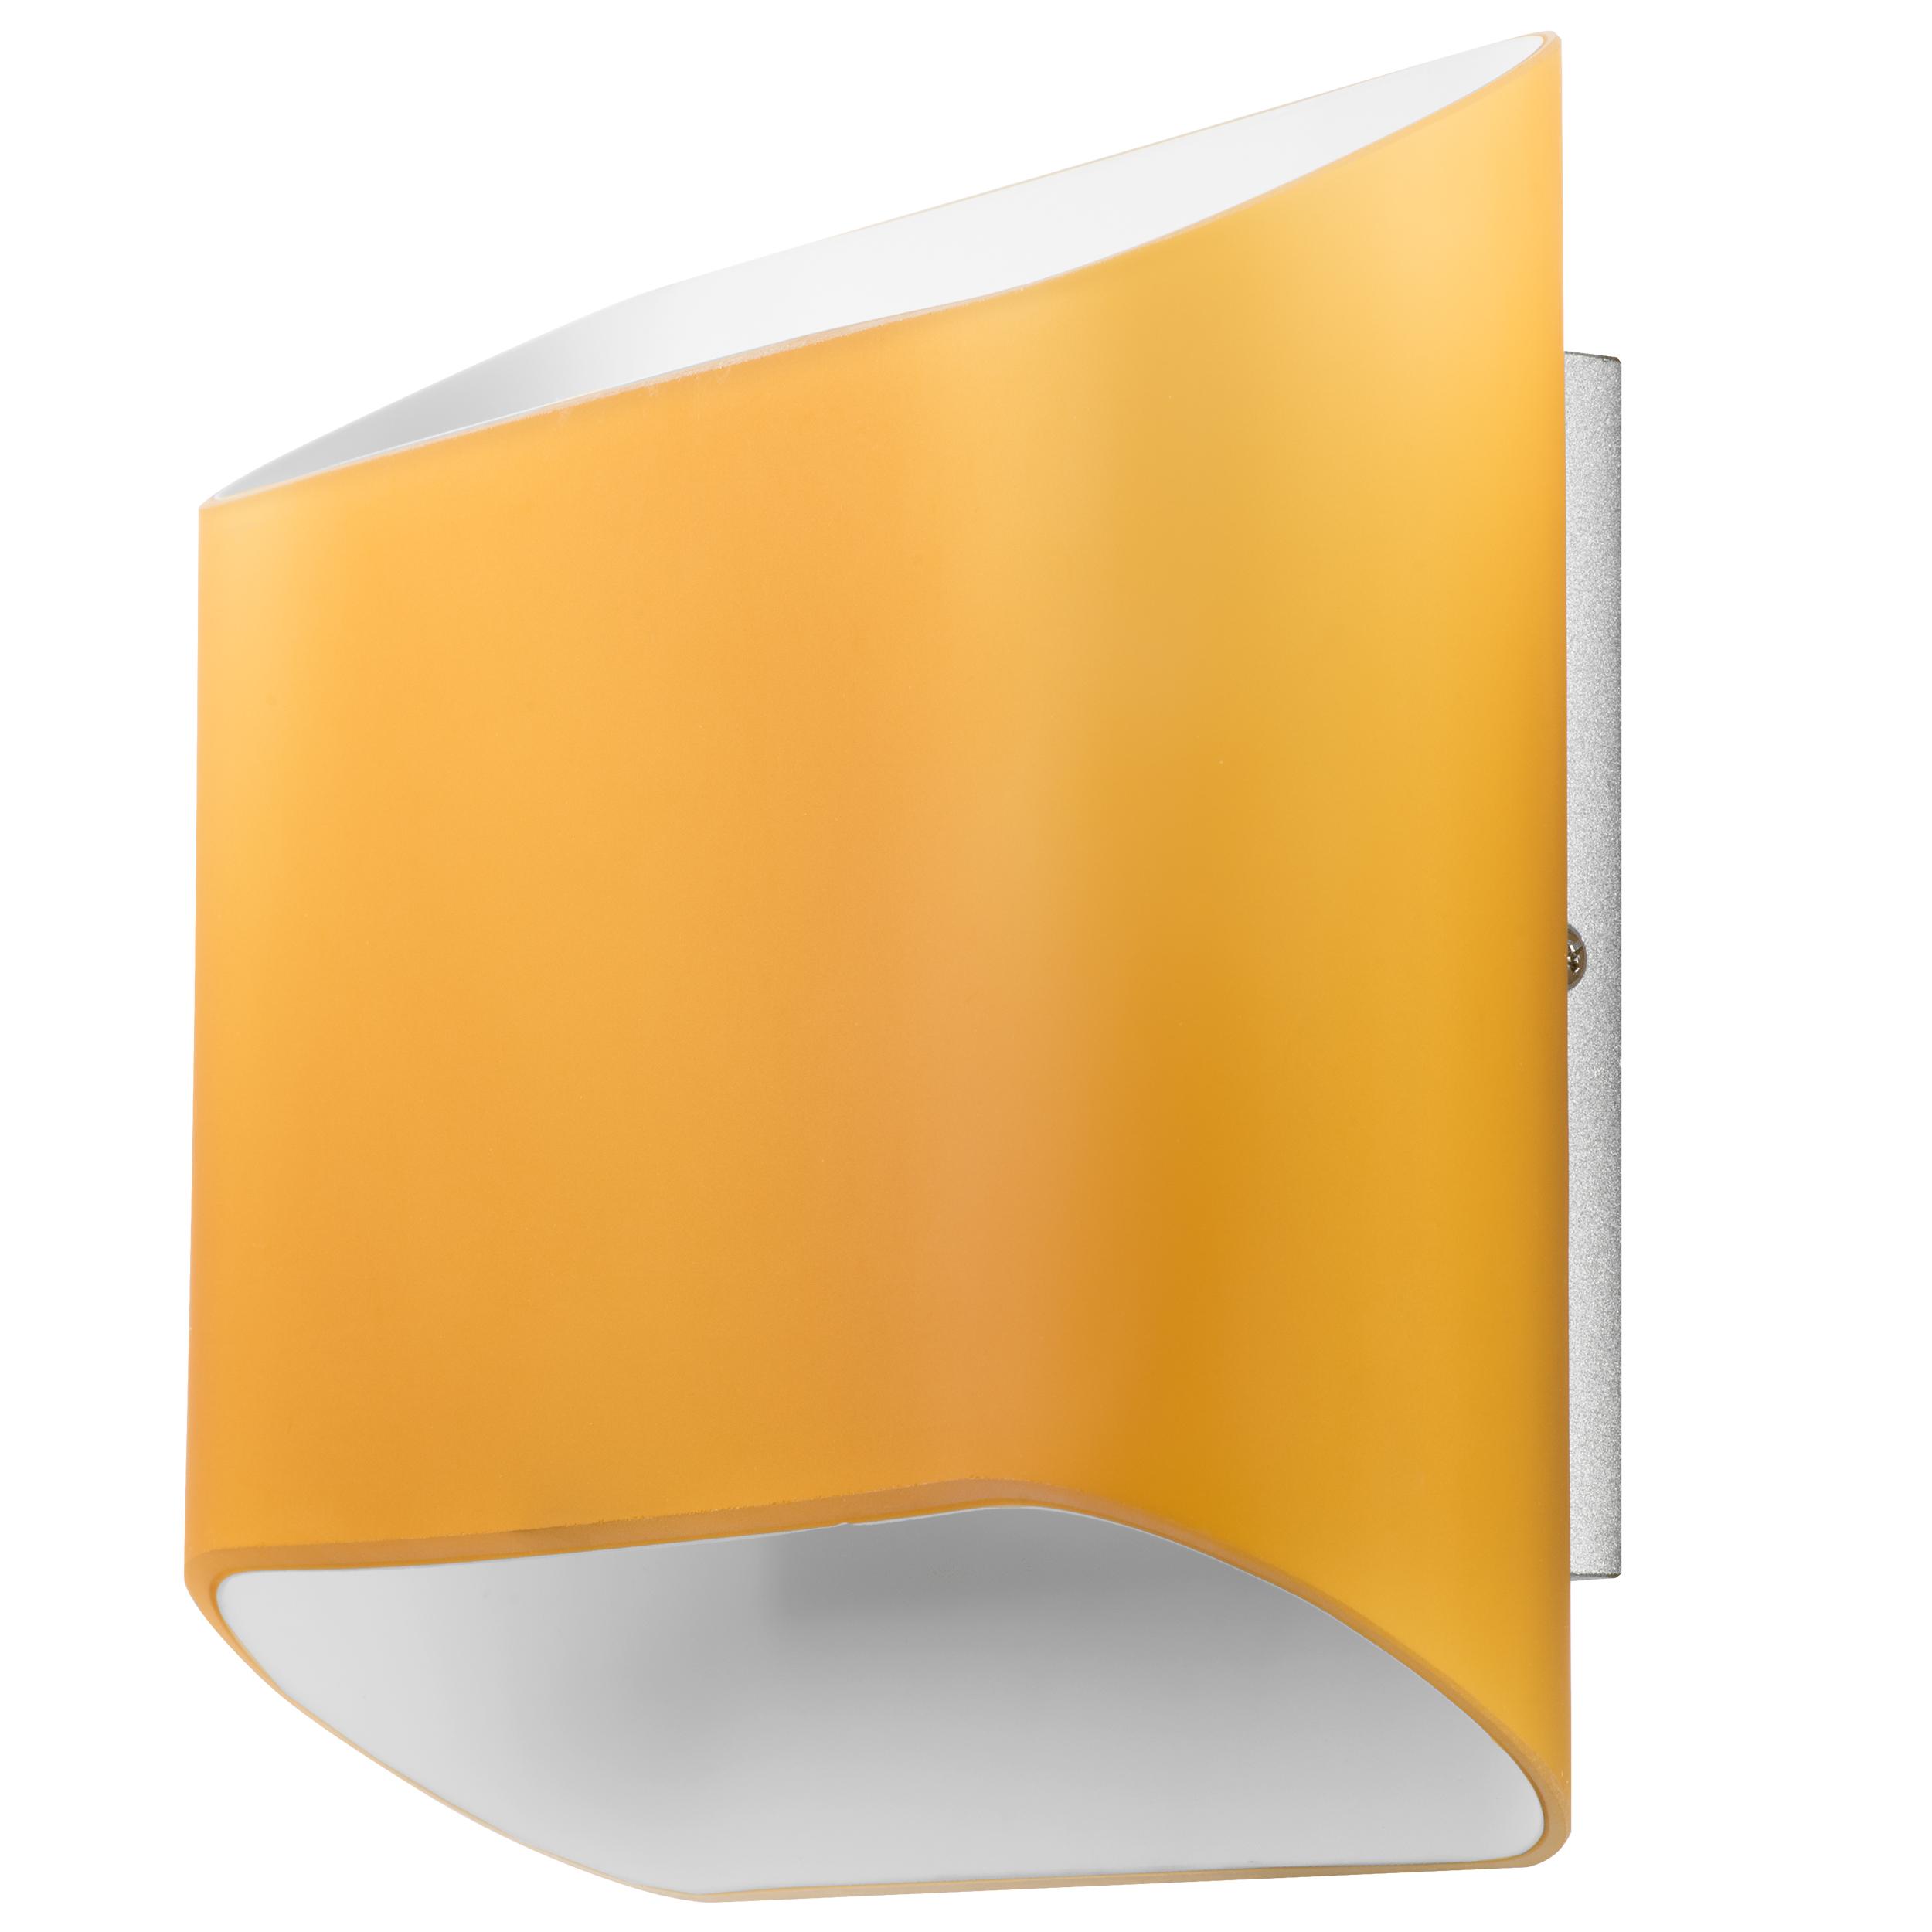 Светильник Lightstar MURO 808623 настенный светильник lightstar muro 808623 80 вт